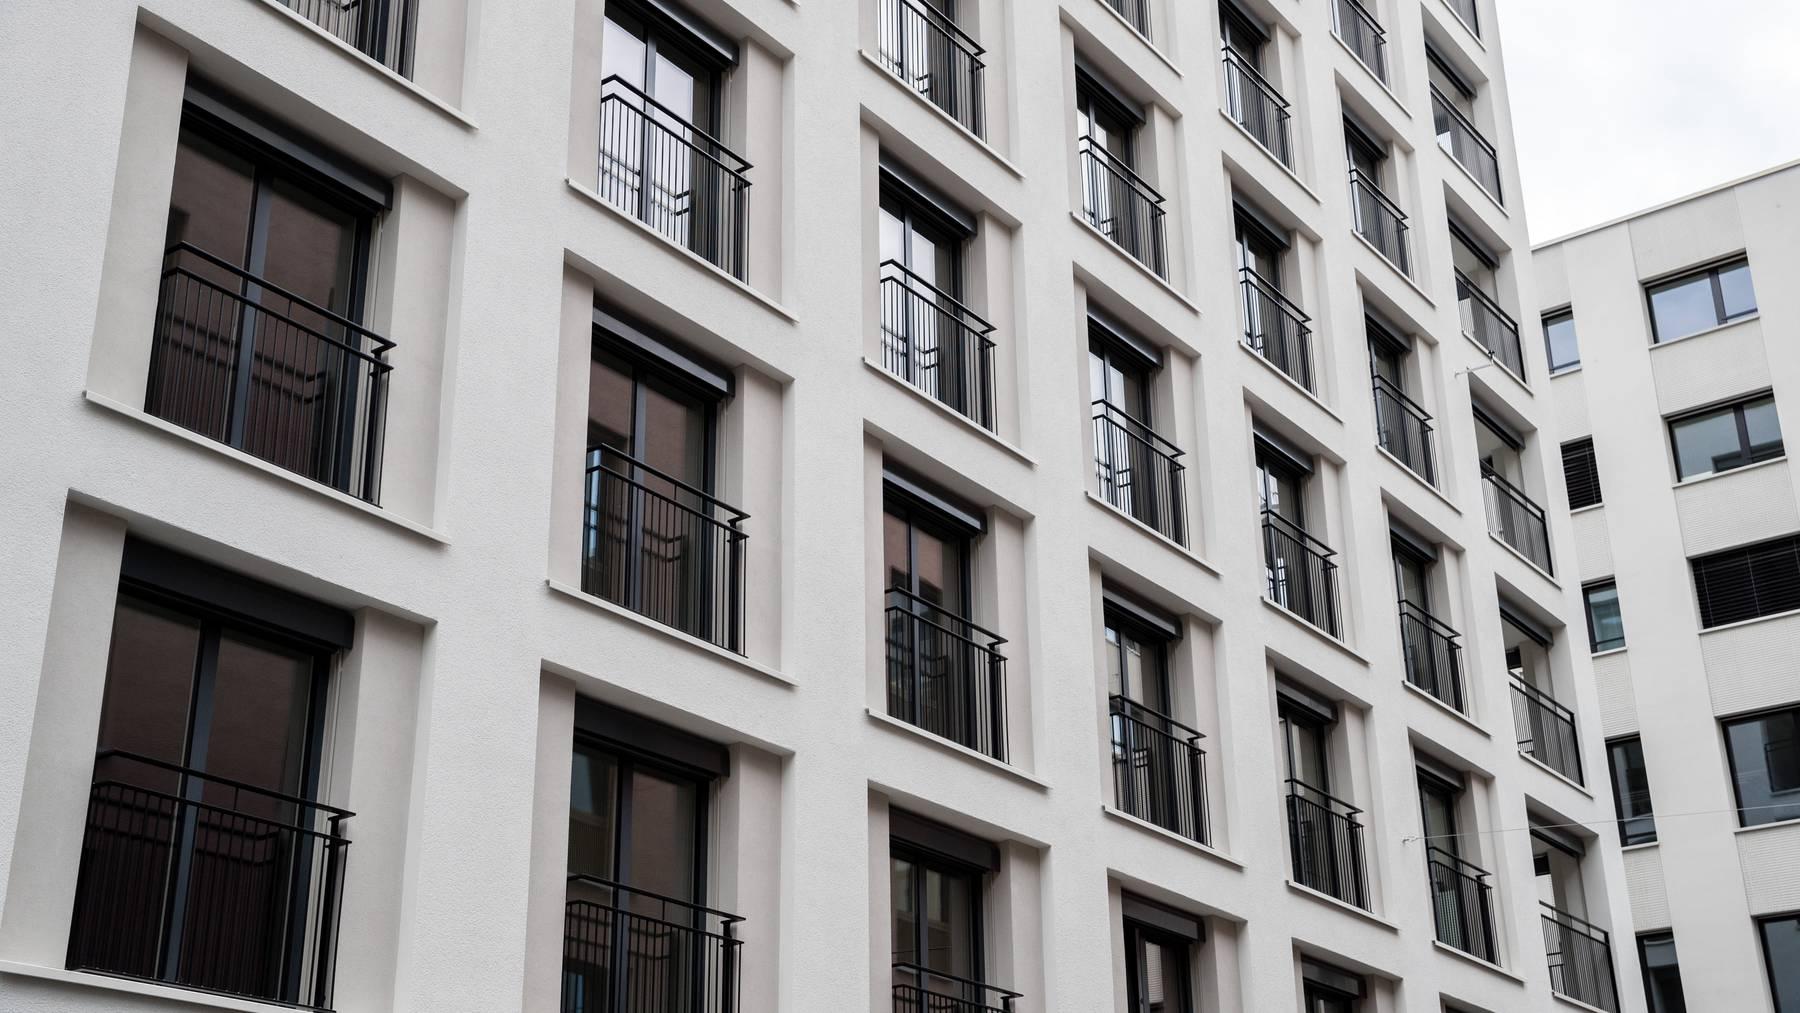 Bei vielen Neubauten liegt der Fokus auf Mietwohnungen. (Symbolbild)